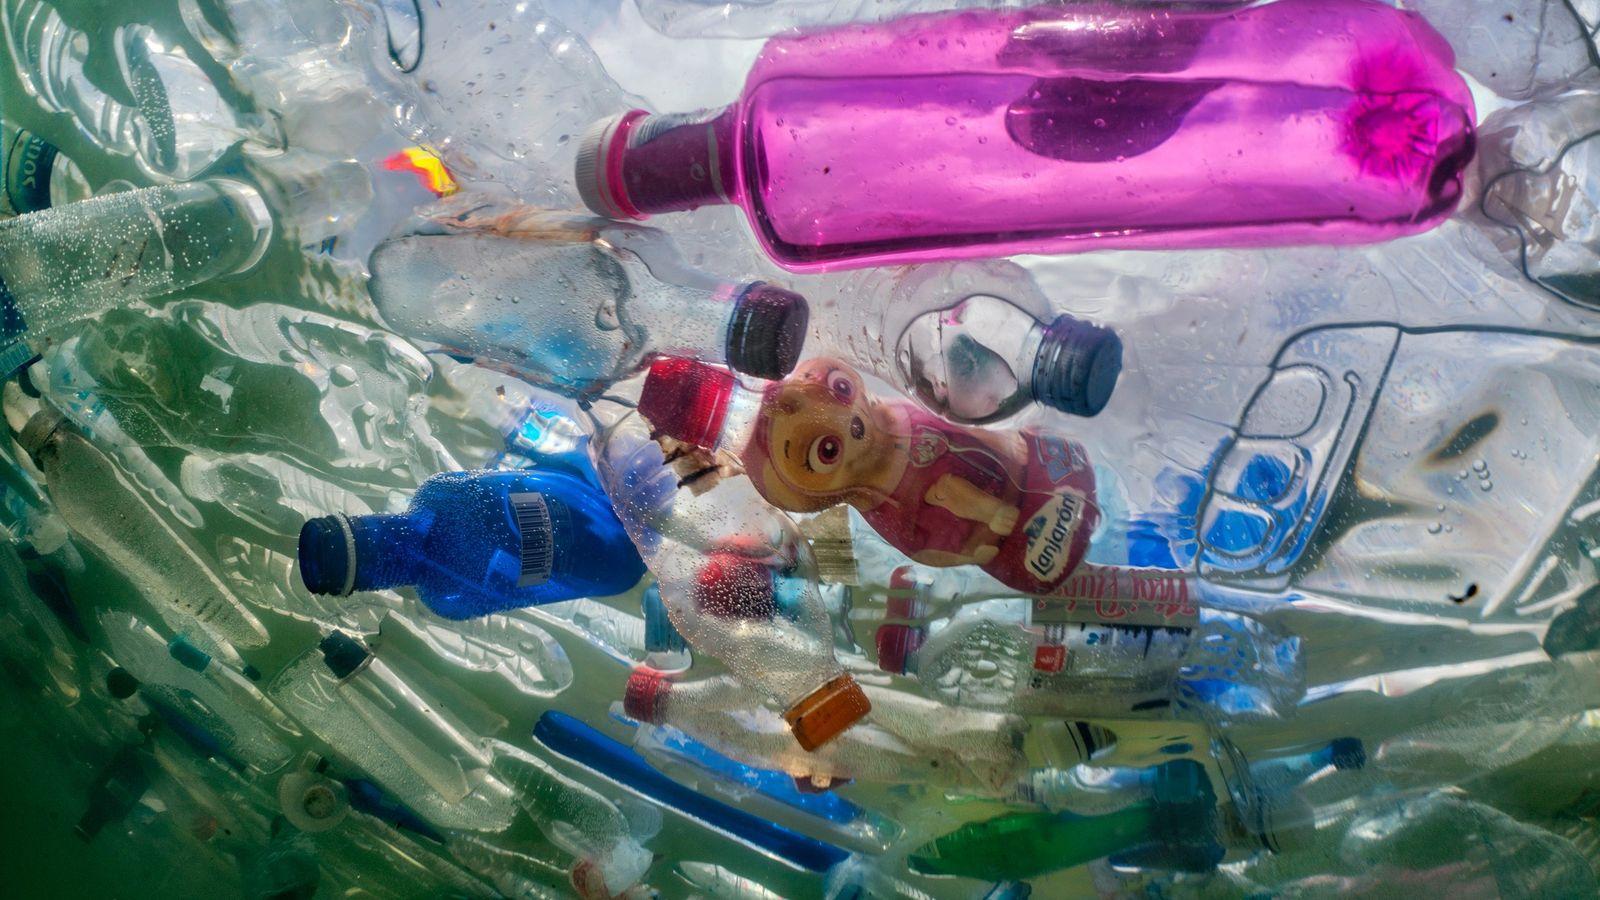 Botellas de plástico en la famosa fuente de Cibeles en Madrid durante una instalación artística que ...